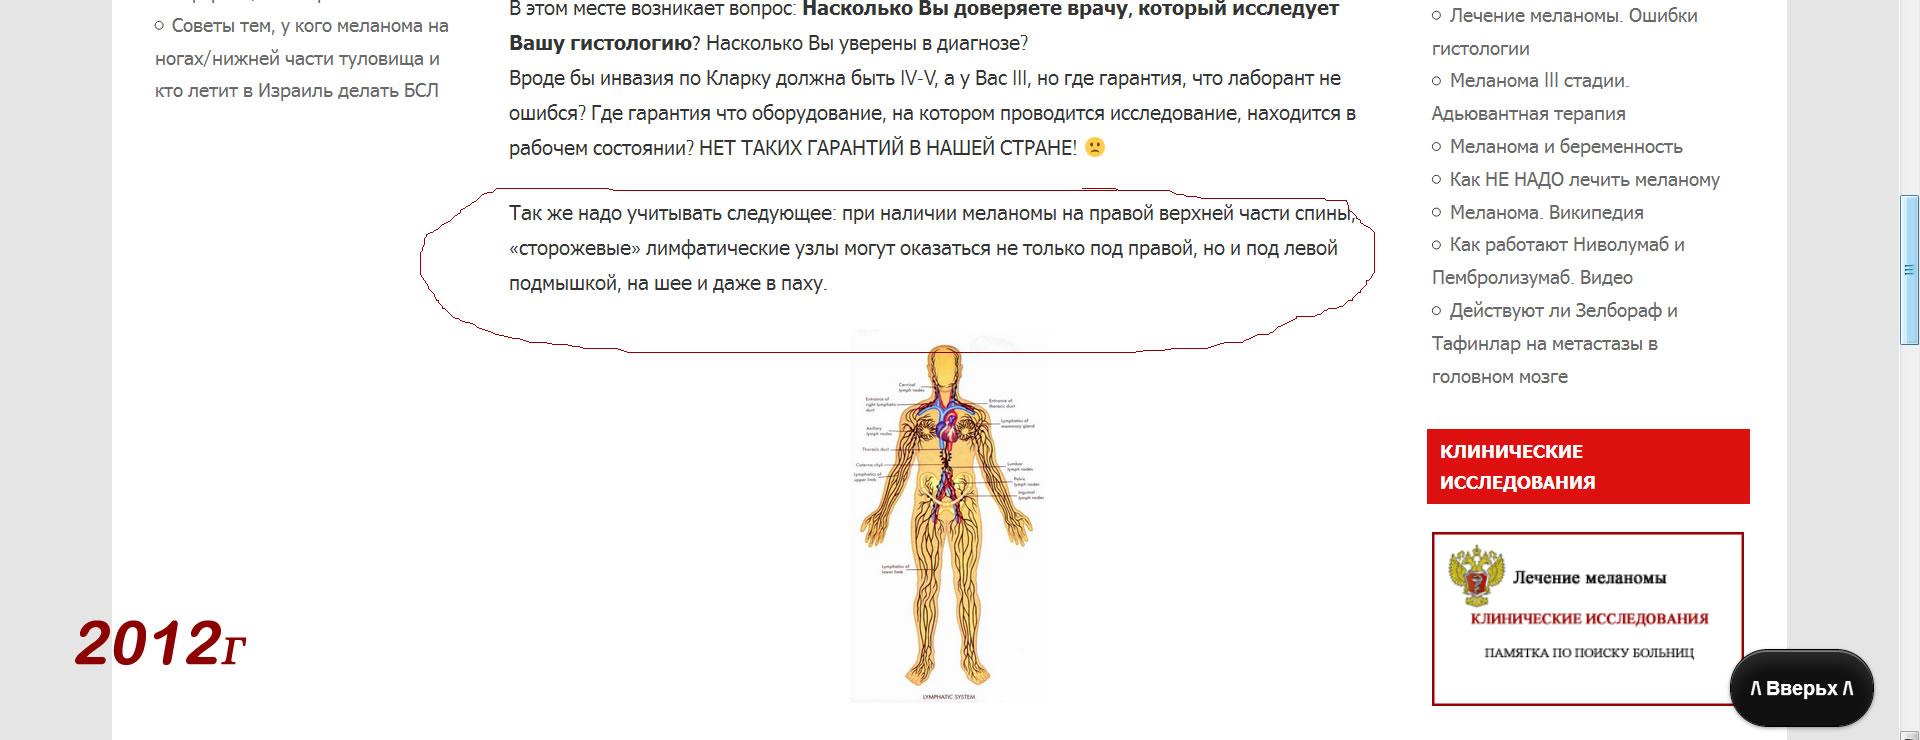 Лечение меланомы. Метастазирование